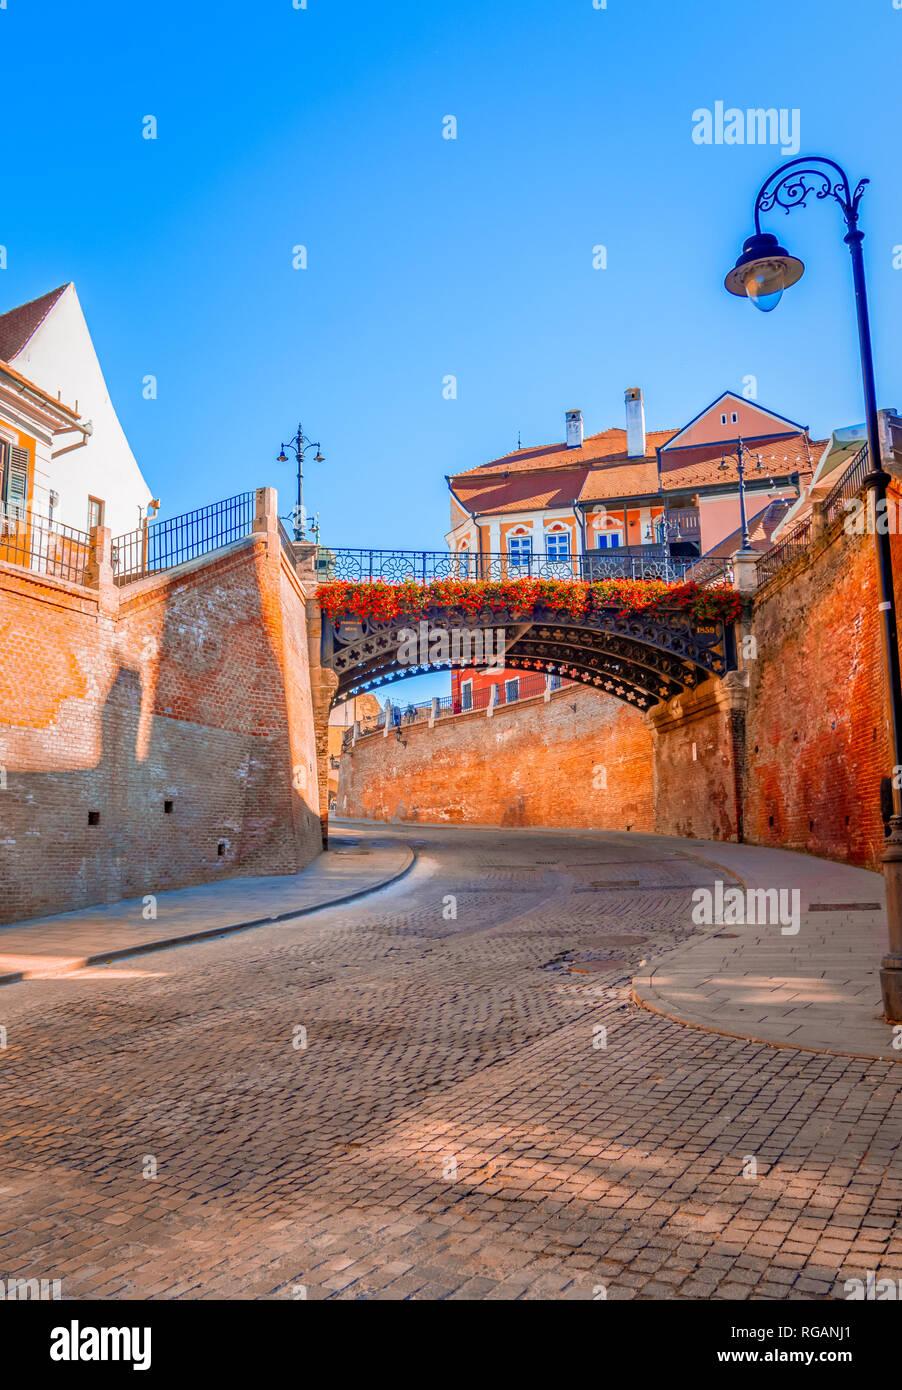 Sibiu, Romania: Liars Bridge in the Small Square - Stock Image